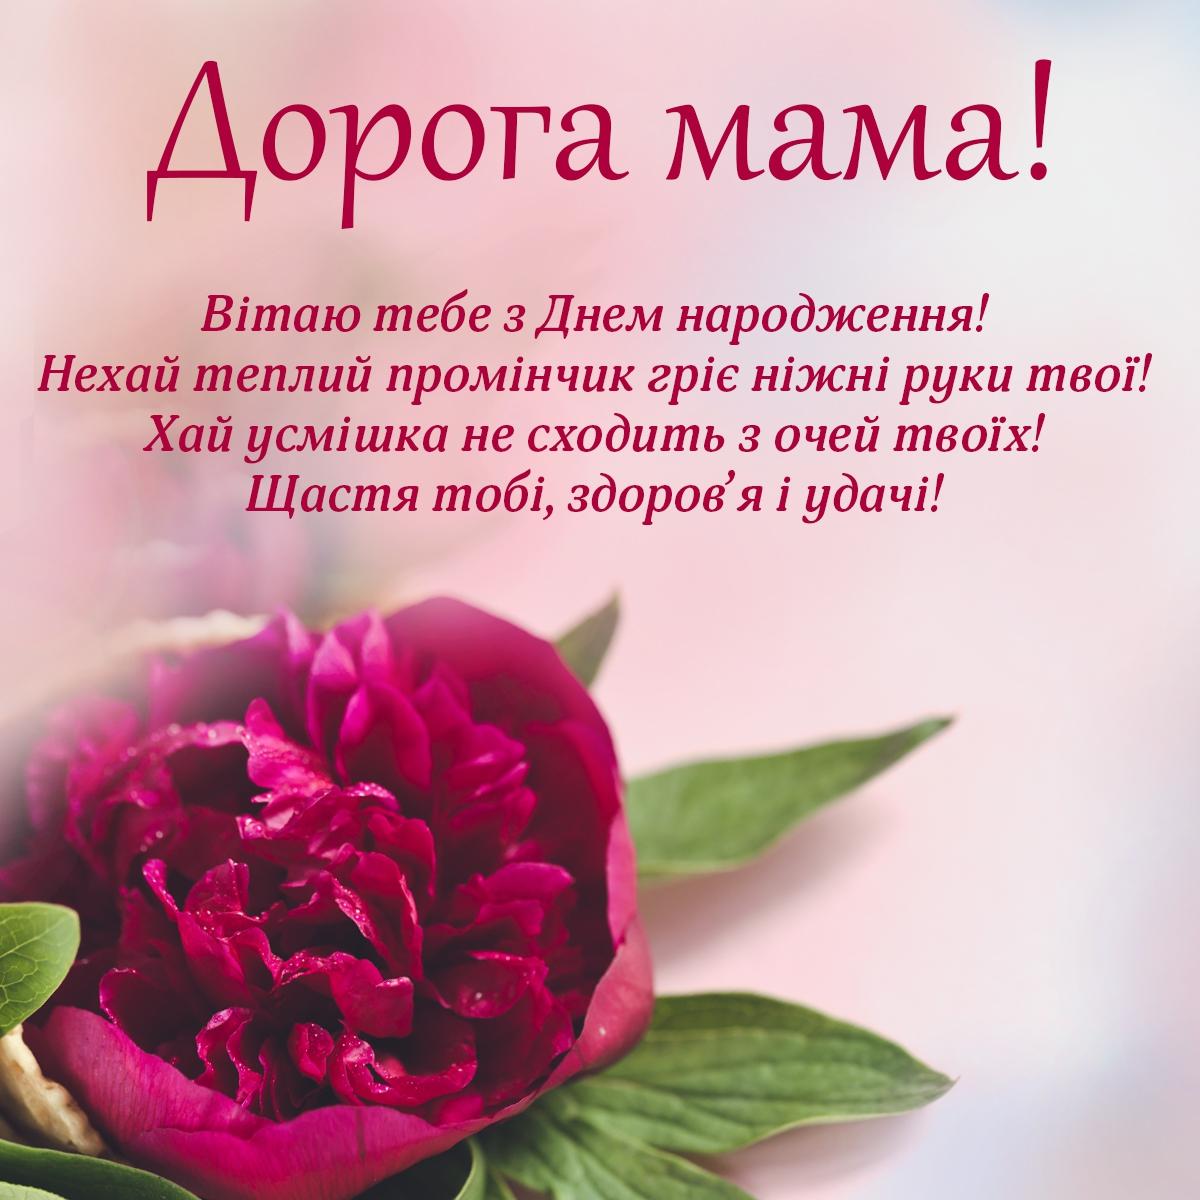 Привітання з днем народження мамі, листівка 1